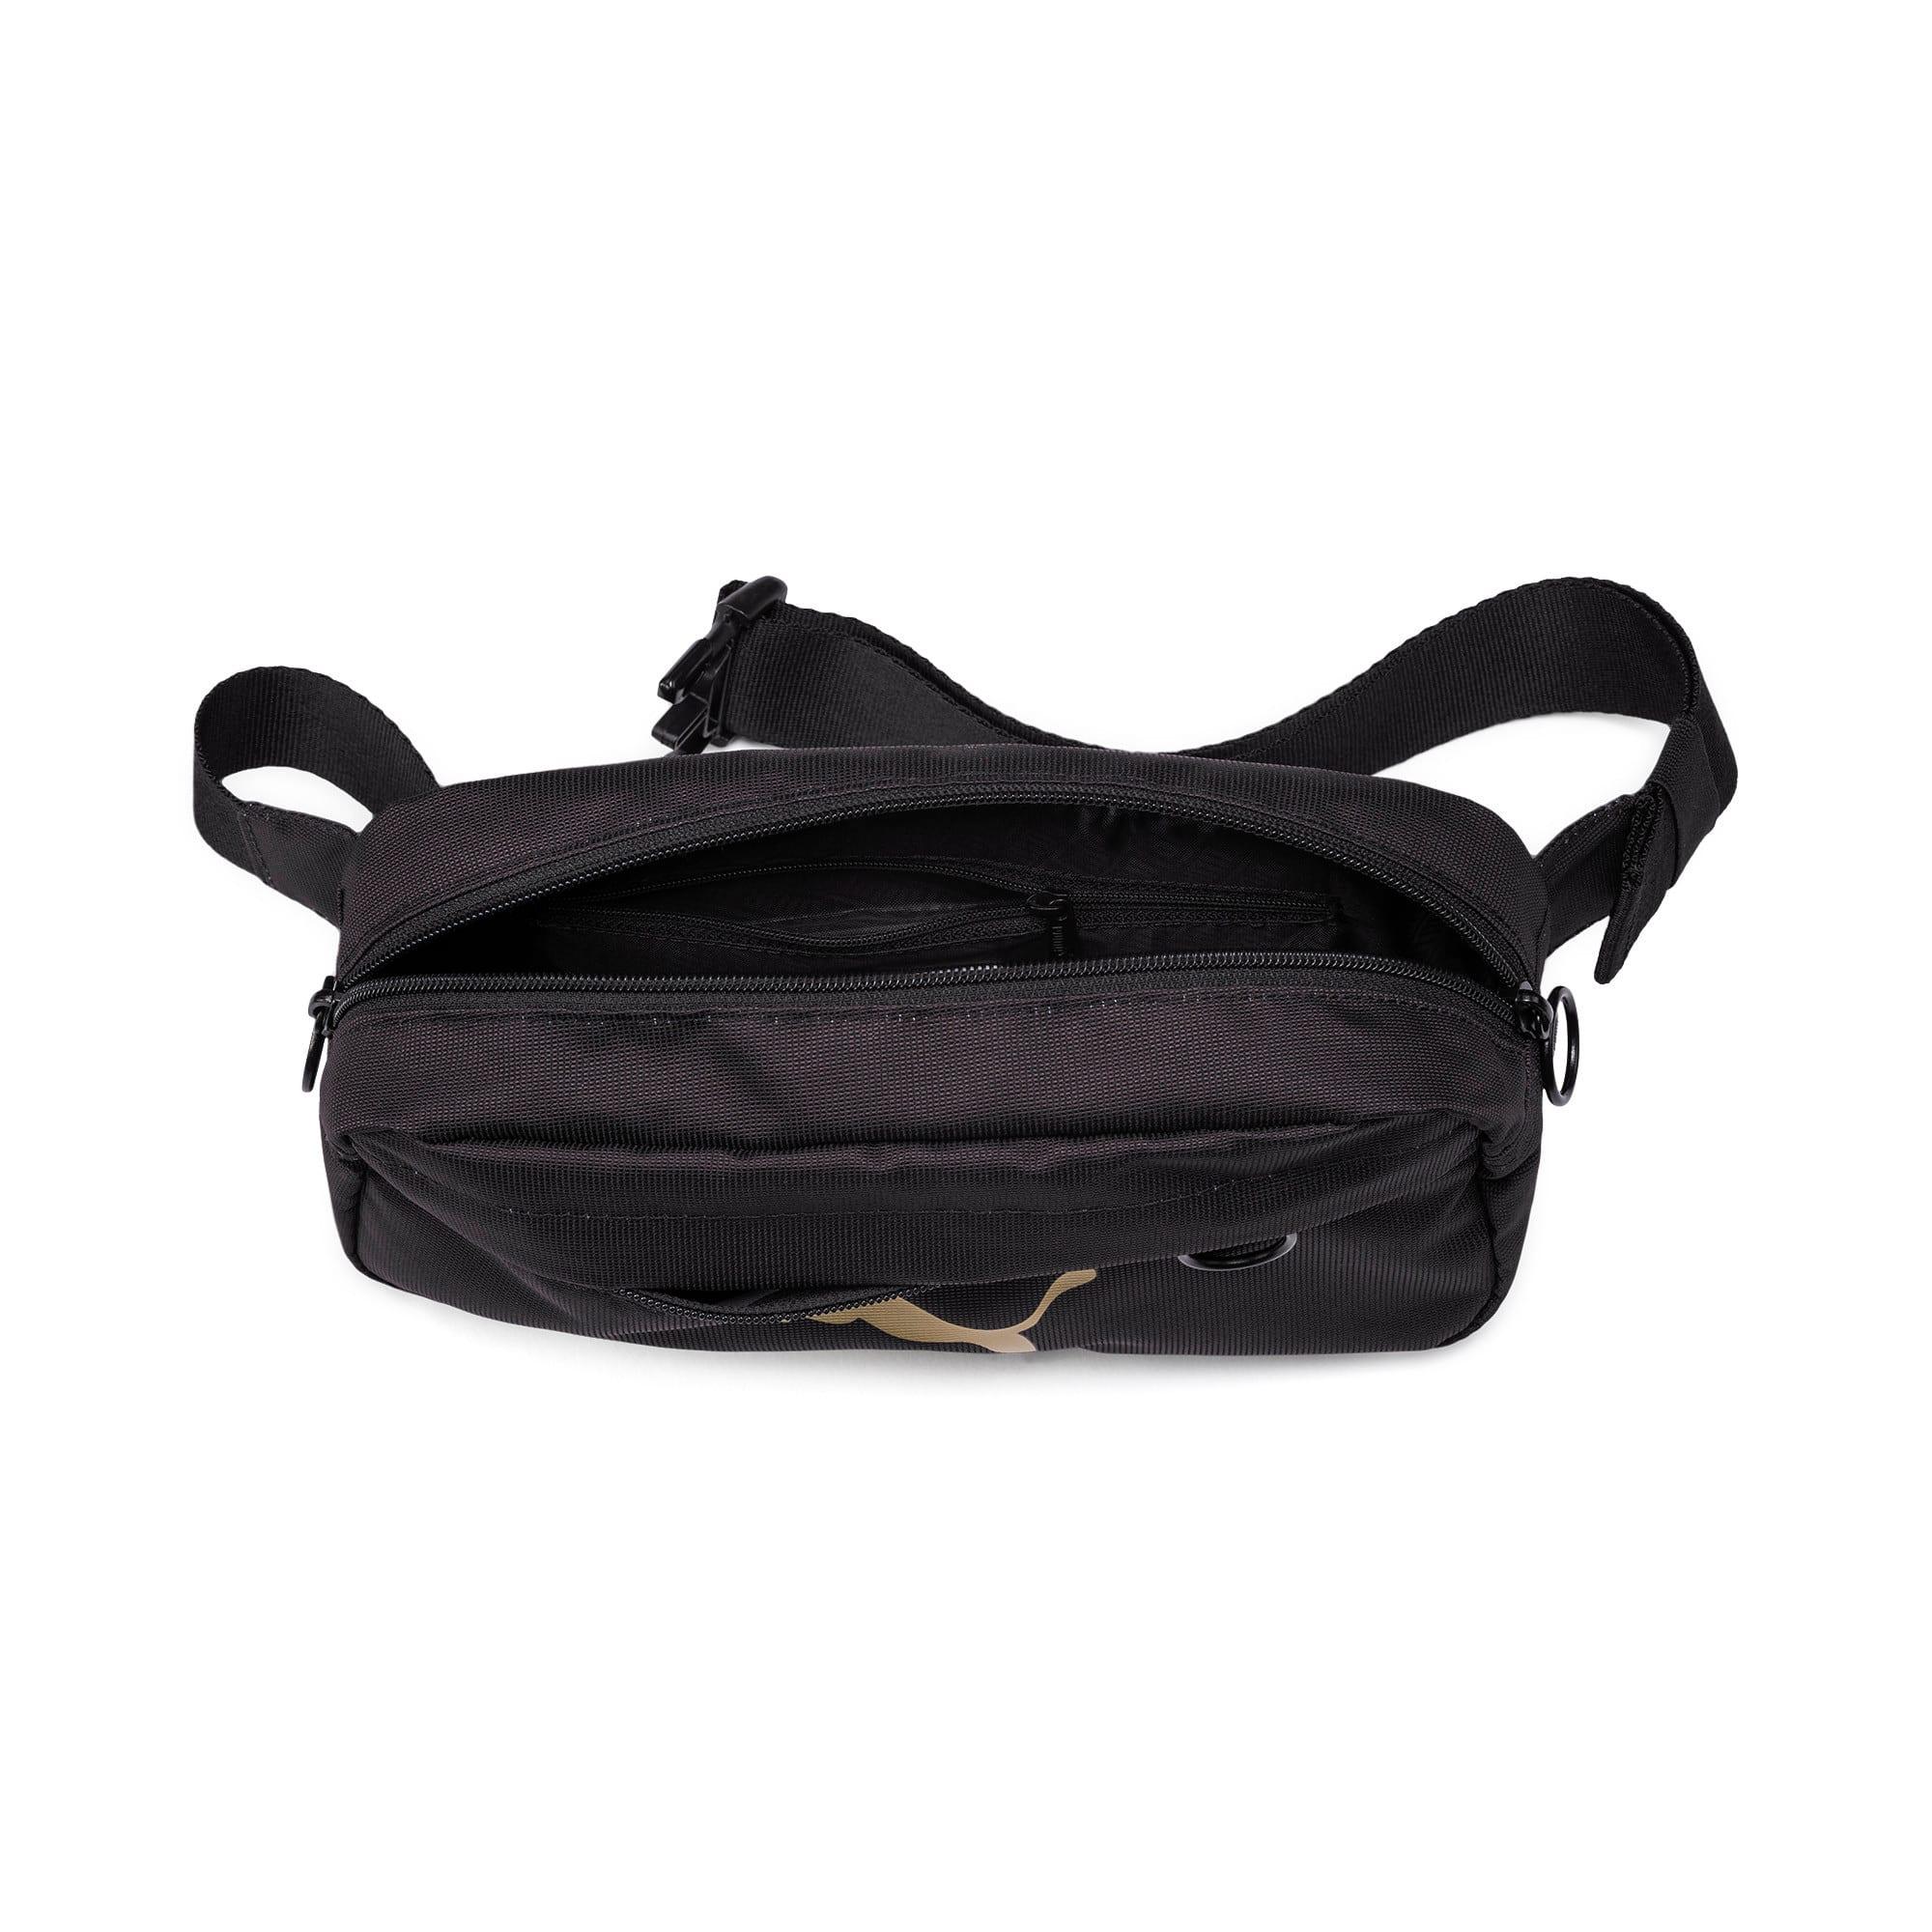 Thumbnail 4 of Originals Waist Bag, Puma Black, medium-IND